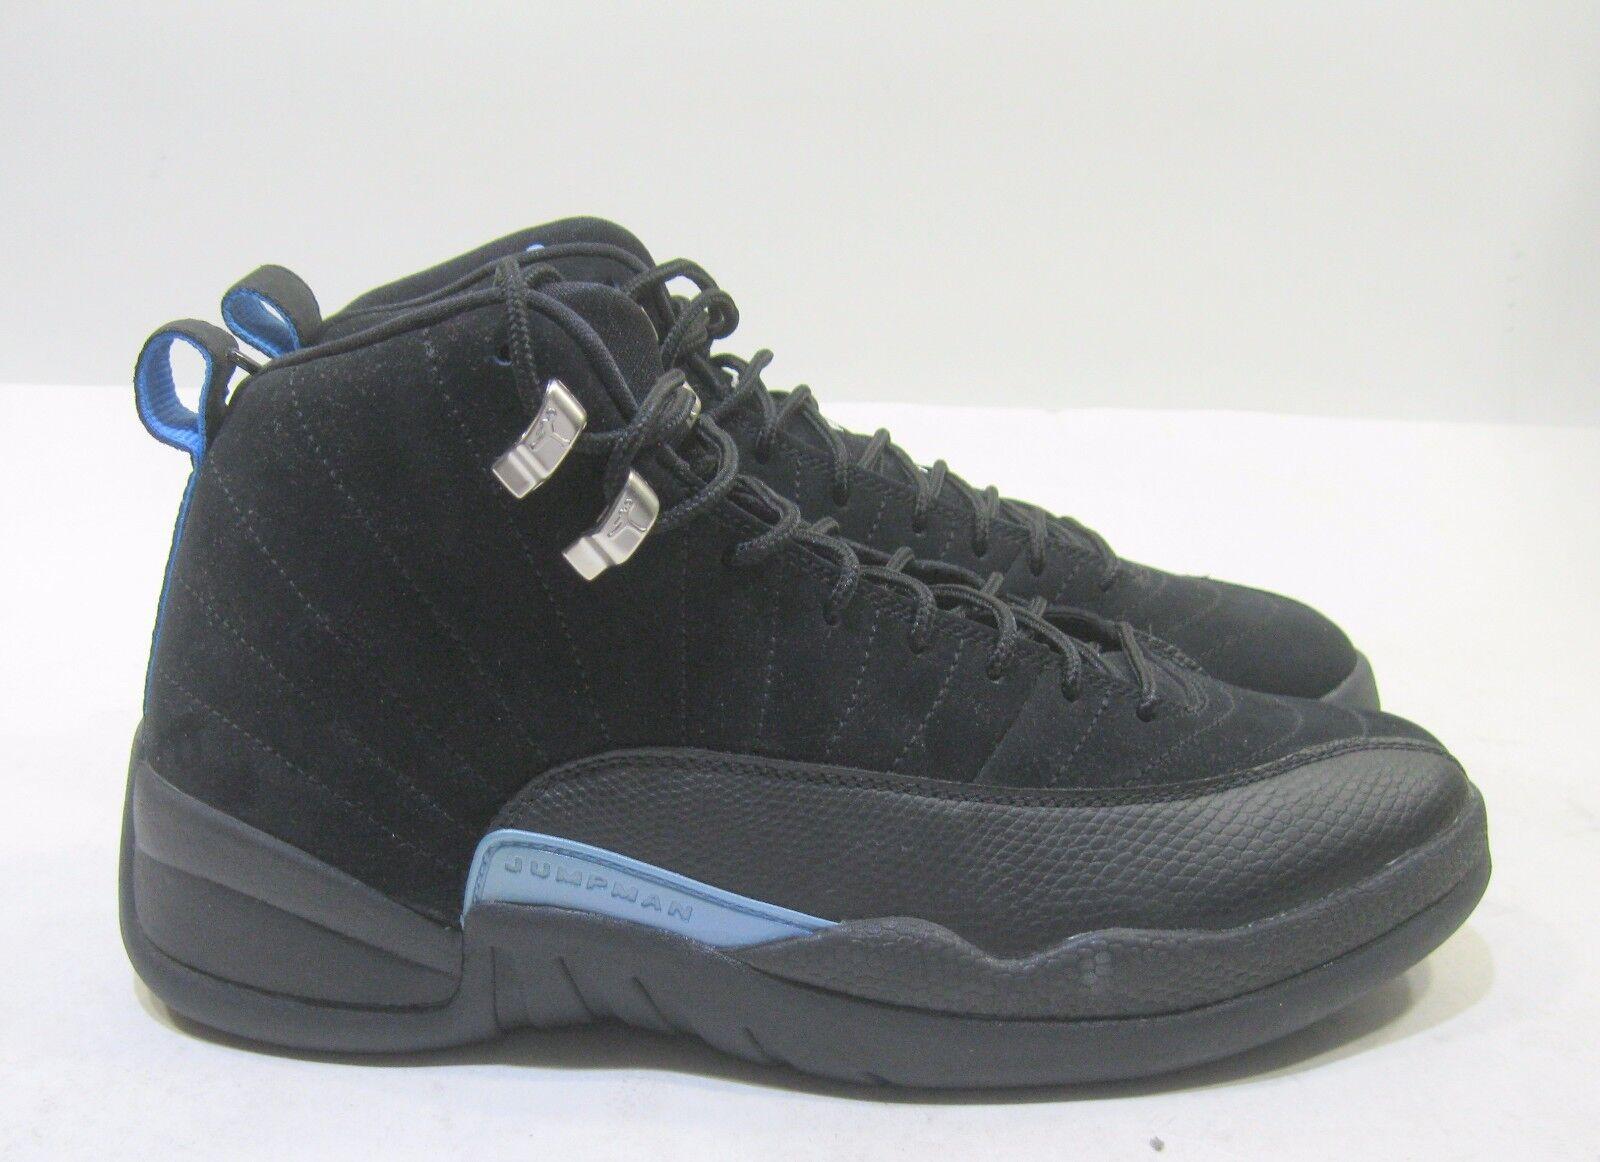 best website 4f0f3 8eb7a Nike Hombre Air Jordan 12 retro nubuck negro       Blanco Universidad Azul  Sue cómodo